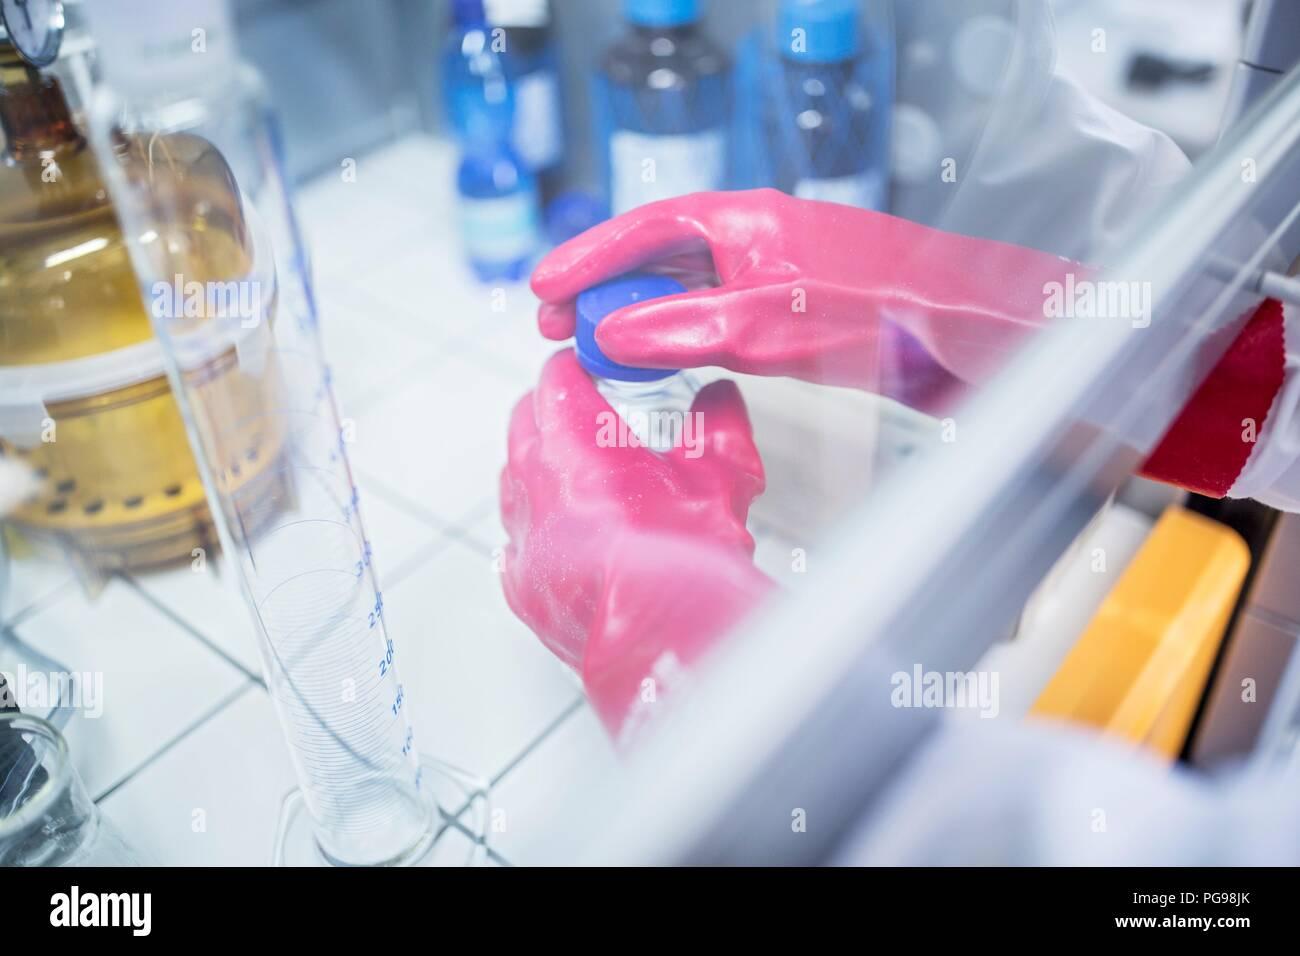 Technicien de laboratoire à l'aide d'une hotte à flux laminaire et des gants épais tout en travaillant avec des produits chimiques dangereux. Photo Stock